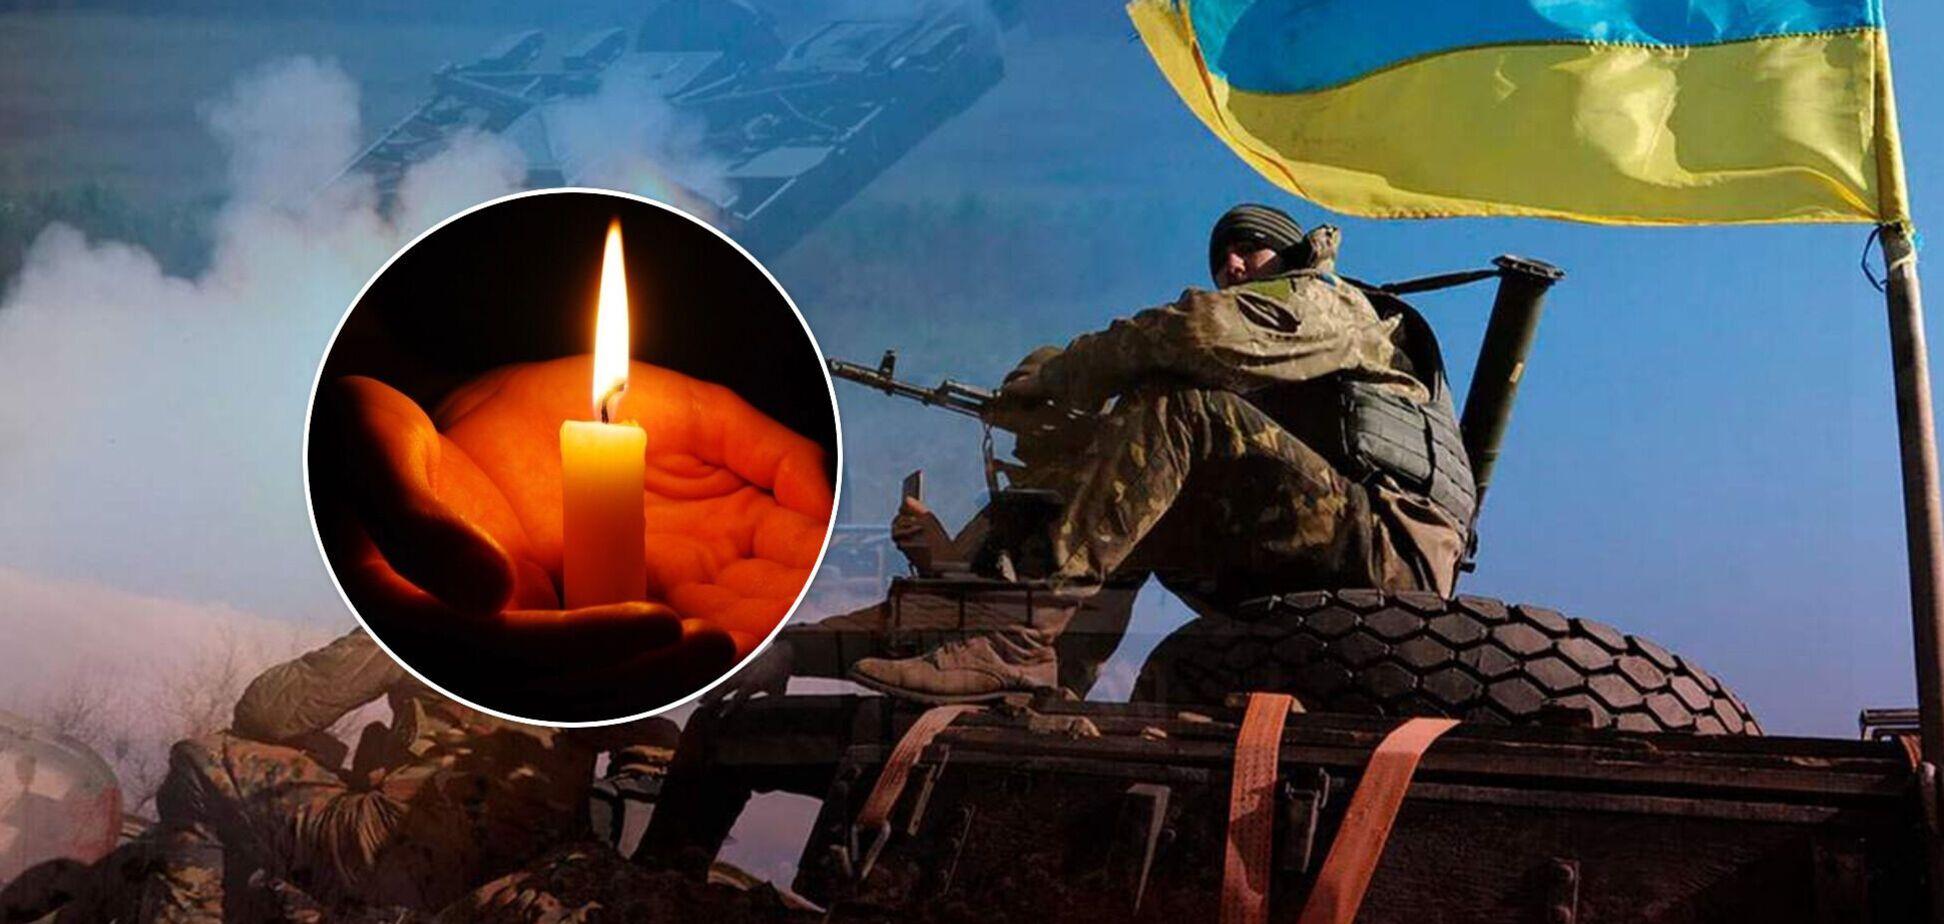 От полученных на Донбассе ранений скончался старший лейтенант. Имя и фото бойца